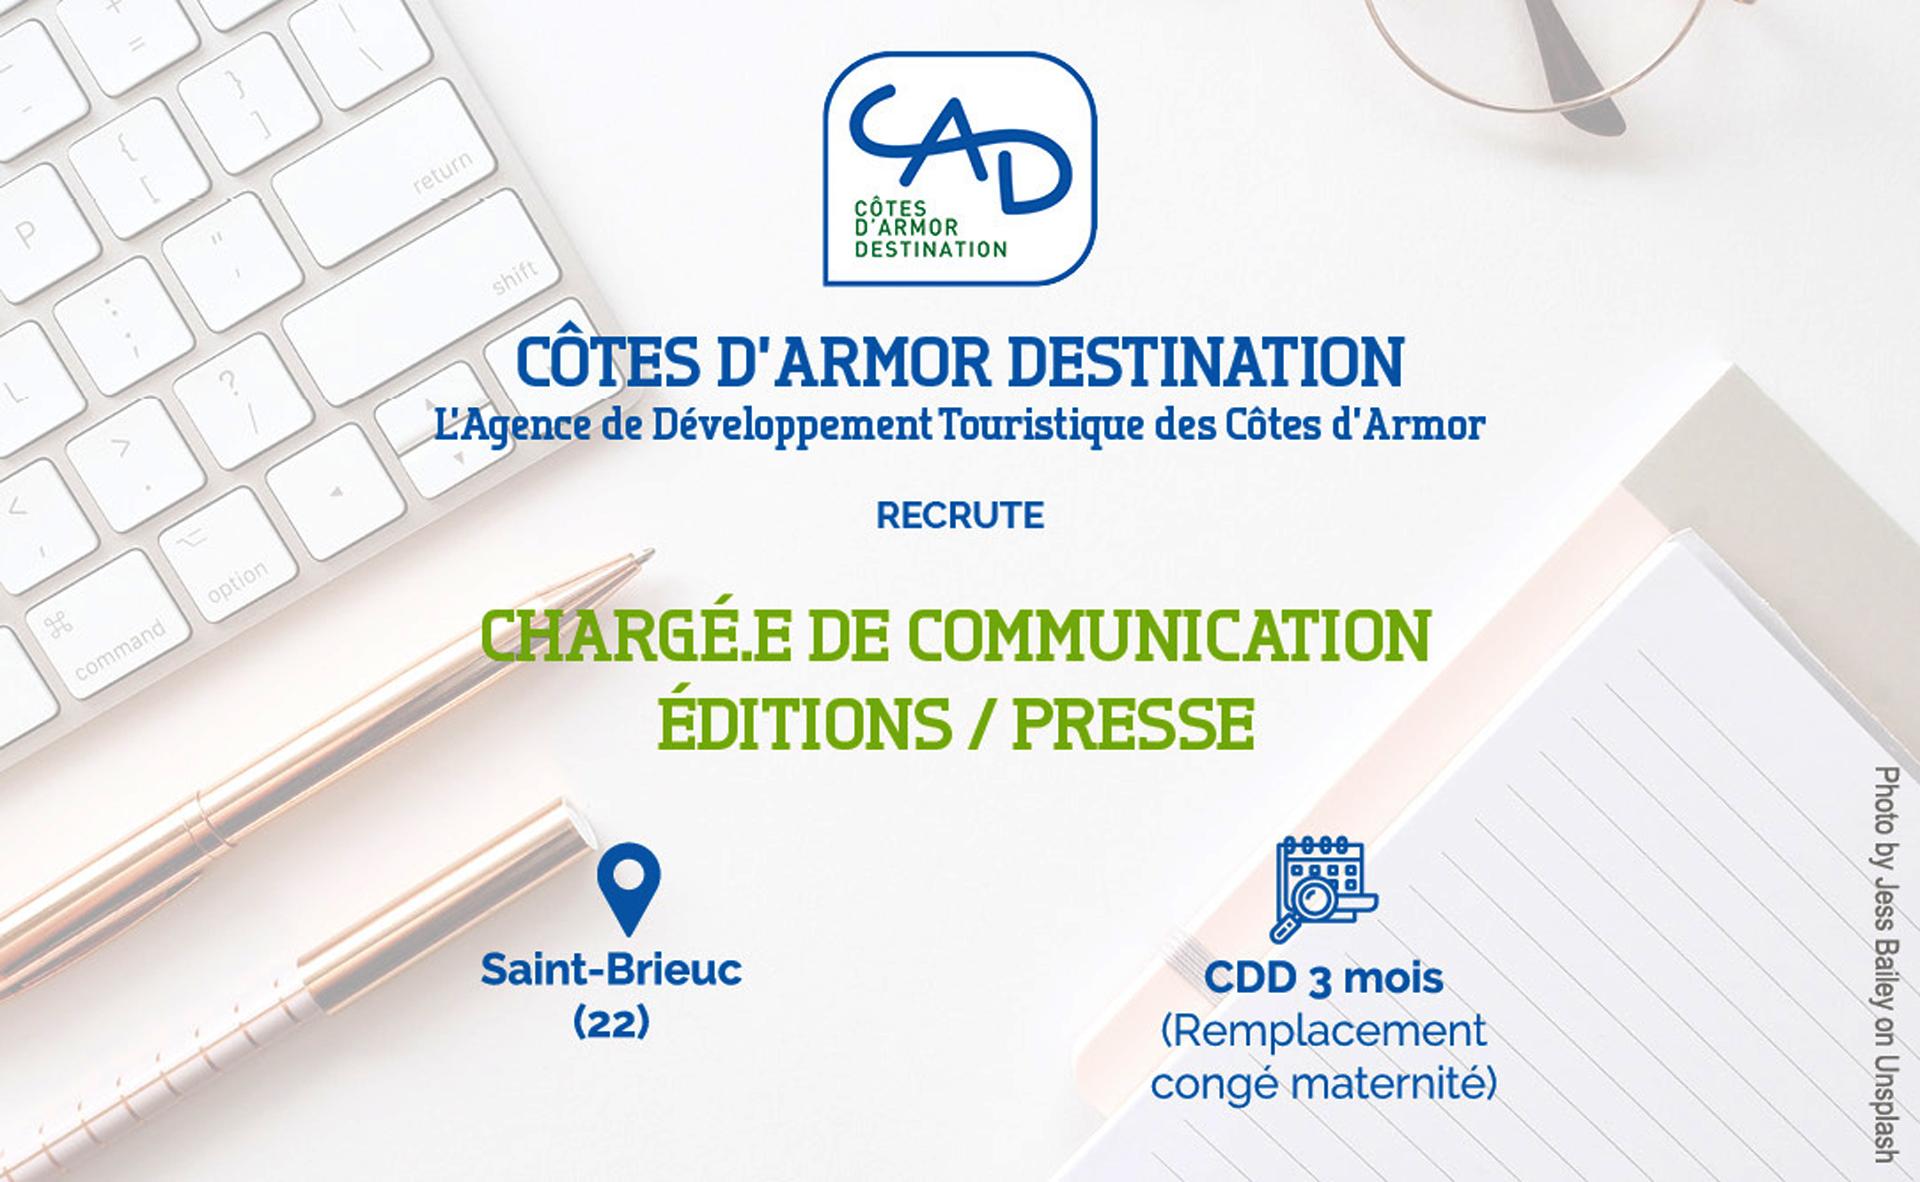 CAD recrute pour un remplacement de congé maternité un(e) Chargé.e de Communication Editions Presse